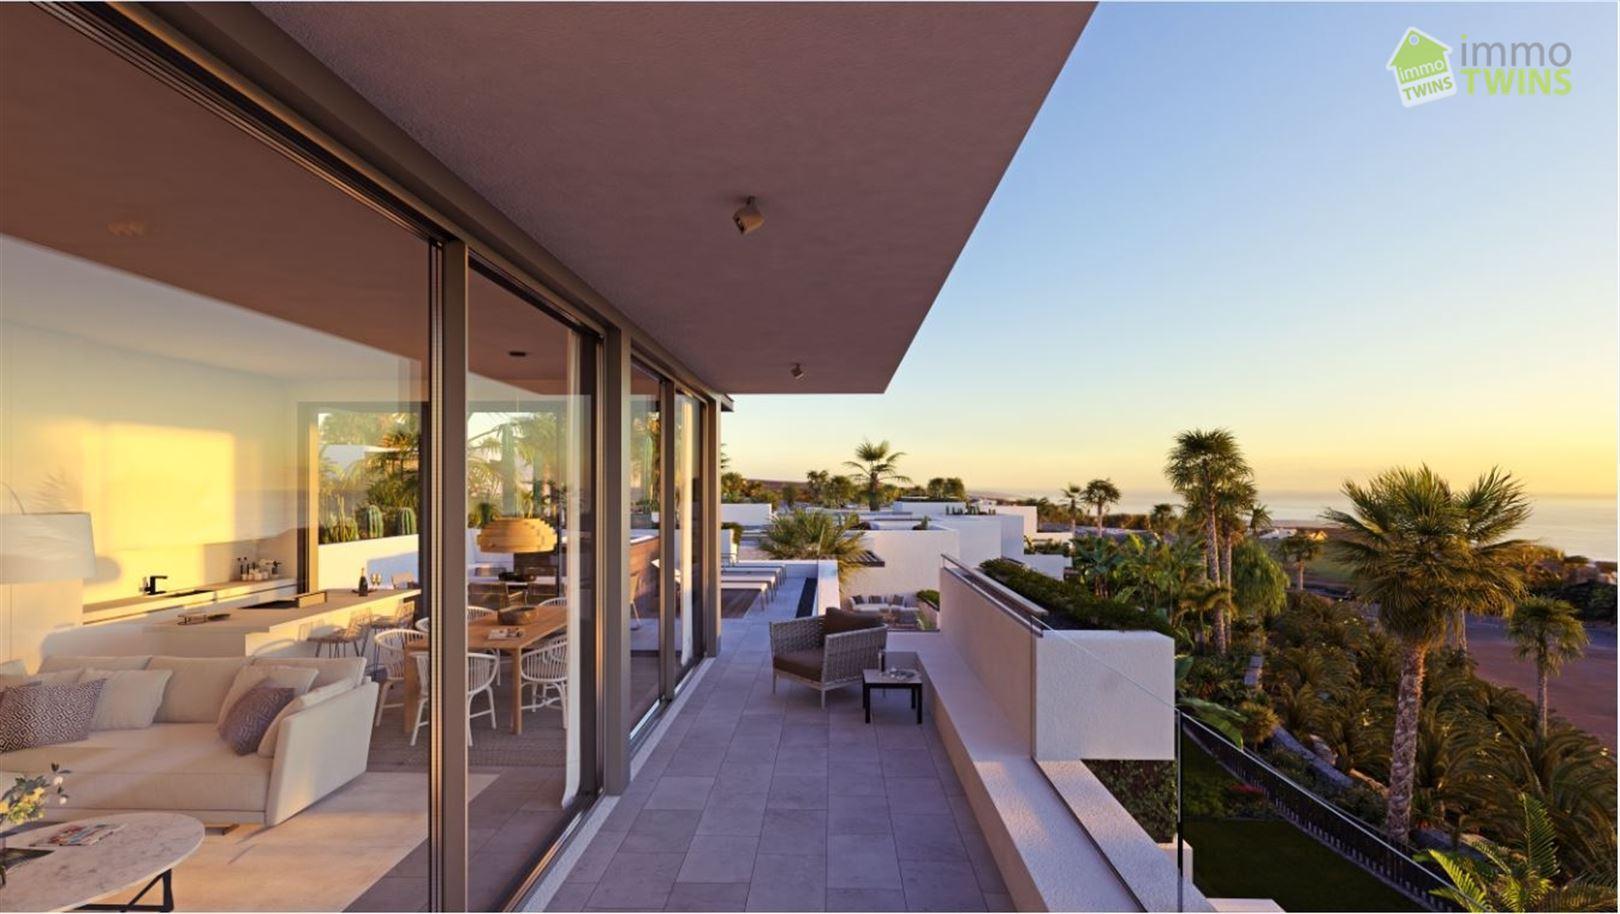 Foto 5 : Appartement te   (Spanje) - Prijs Prijs op aanvraag